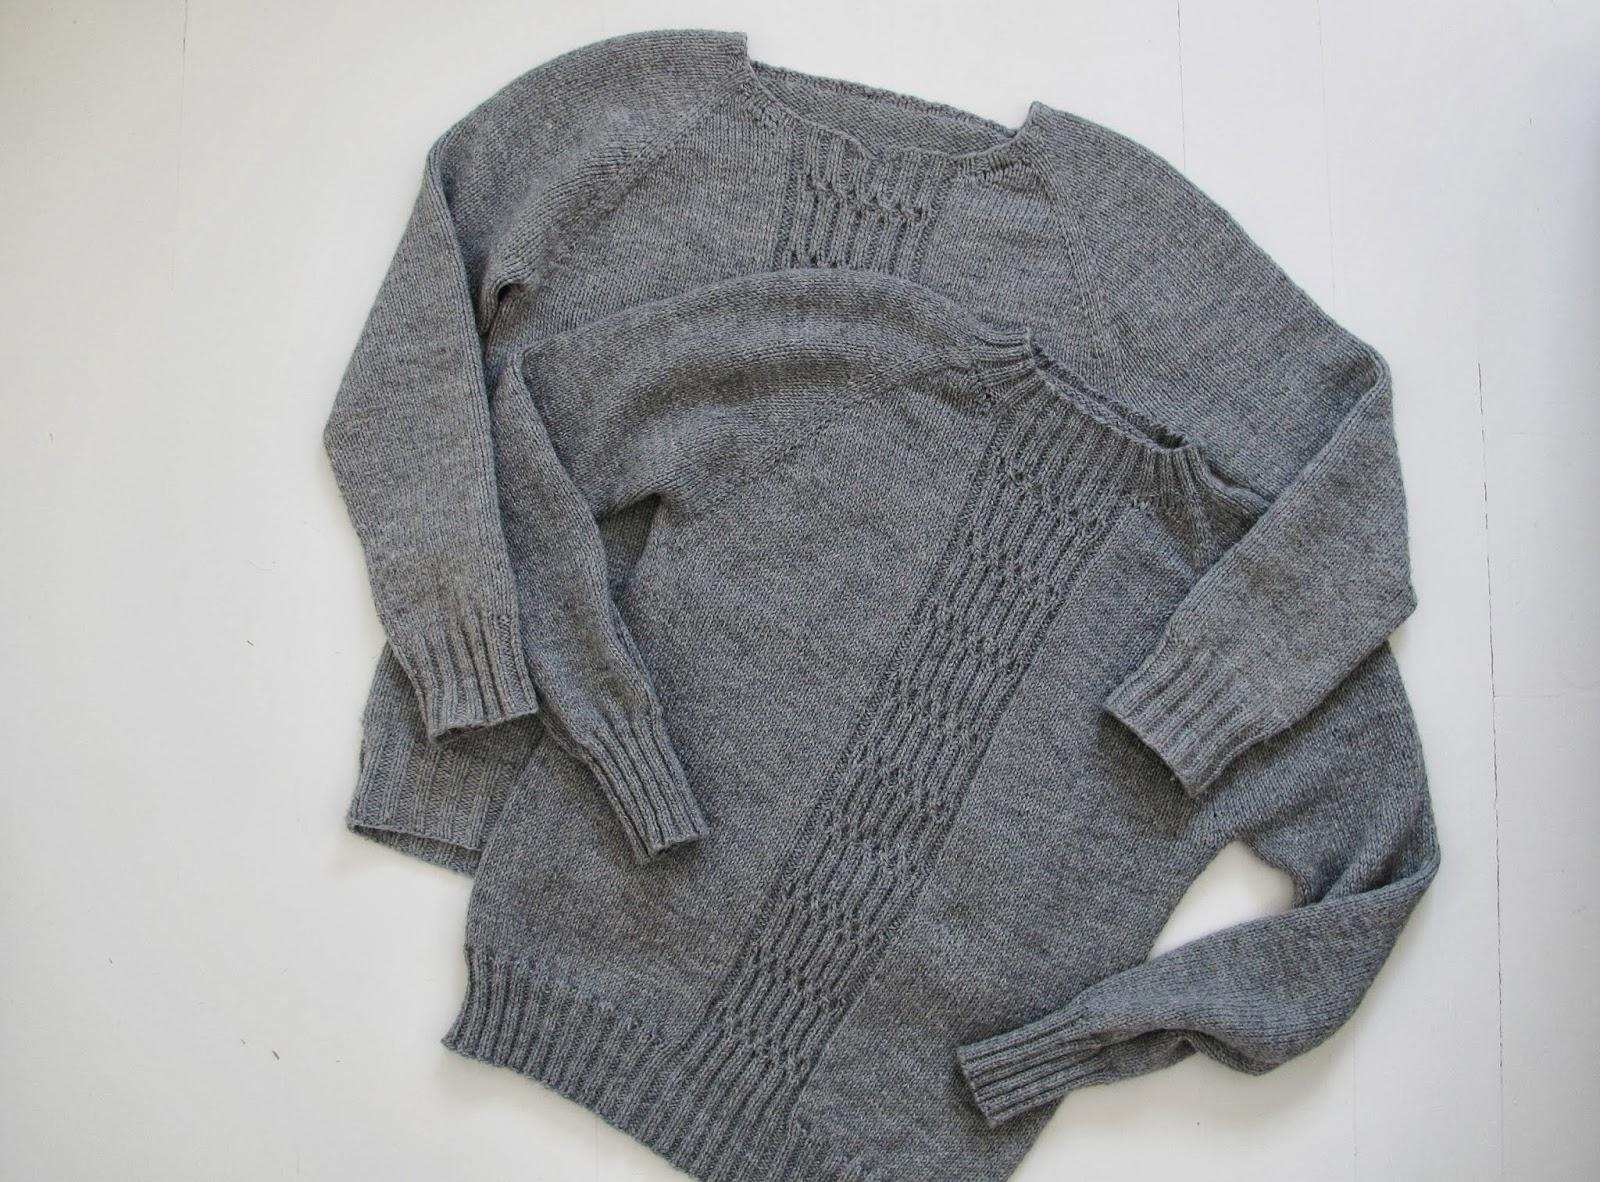 db11ef44 Jeg er veldig glad i Miranda-genseren min, og har brukt den masse. Den er  varm og god og komfortabel, perfekt til en frossenpinn som meg.